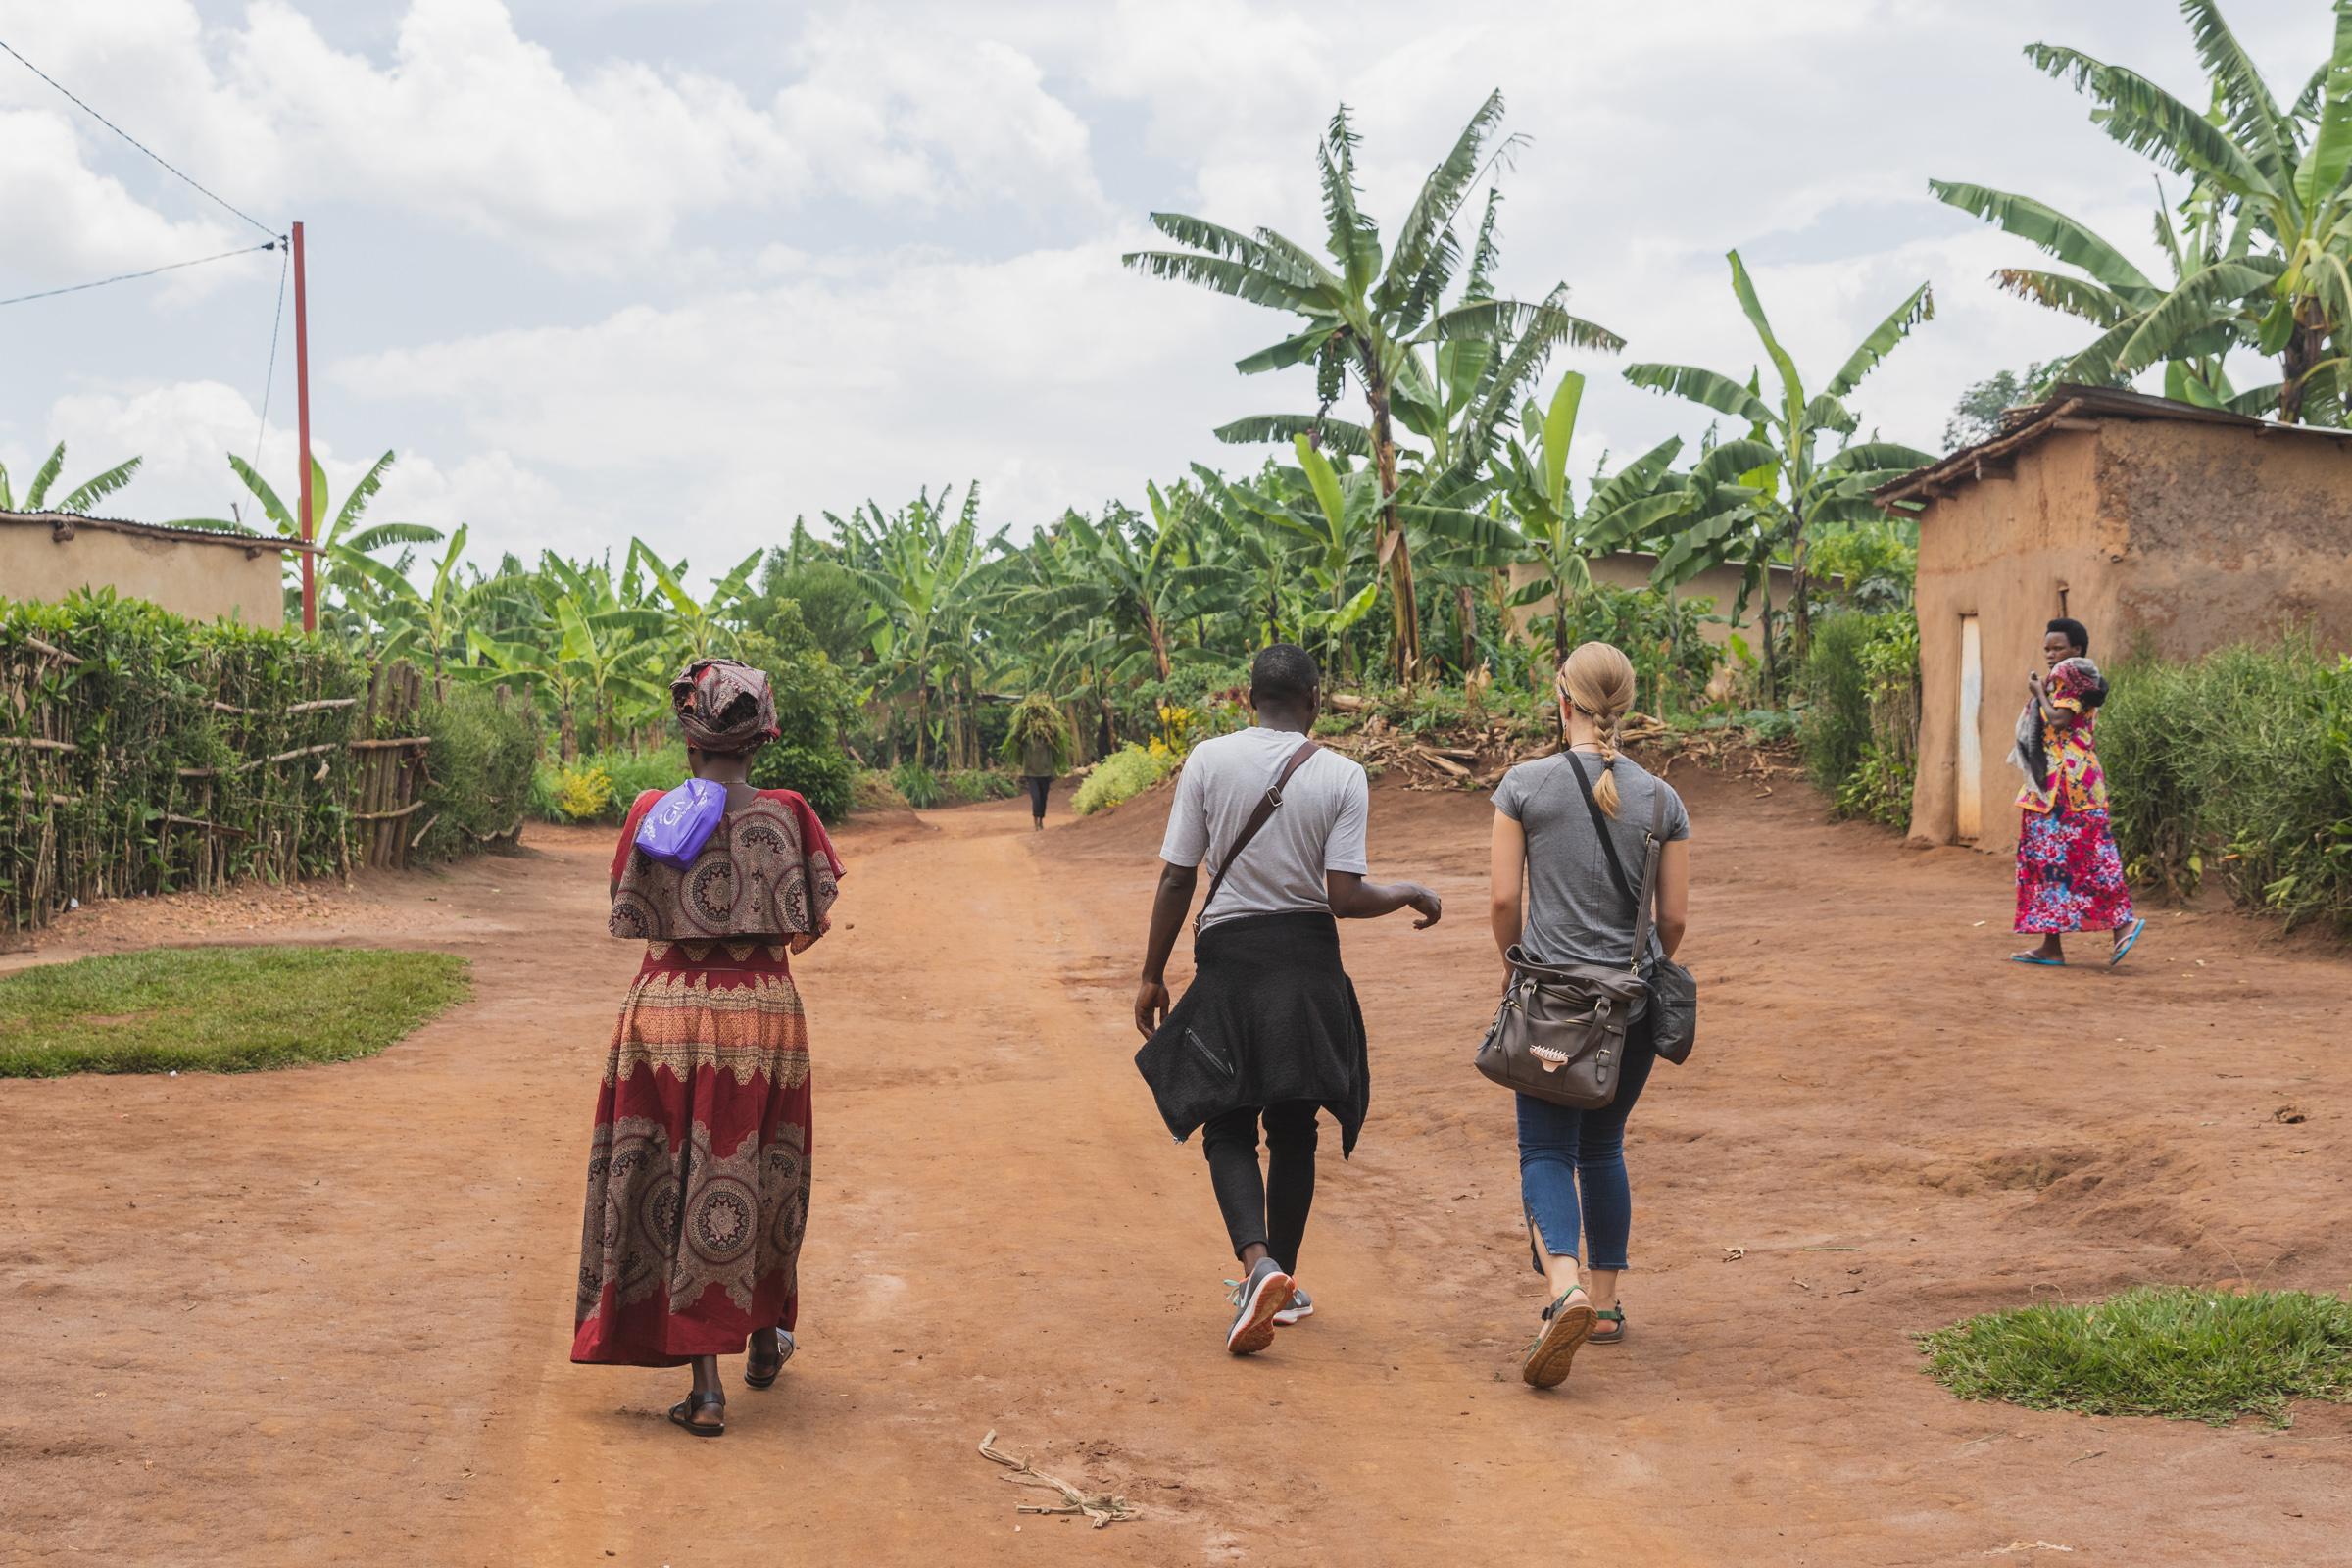 walking through rural rwanda